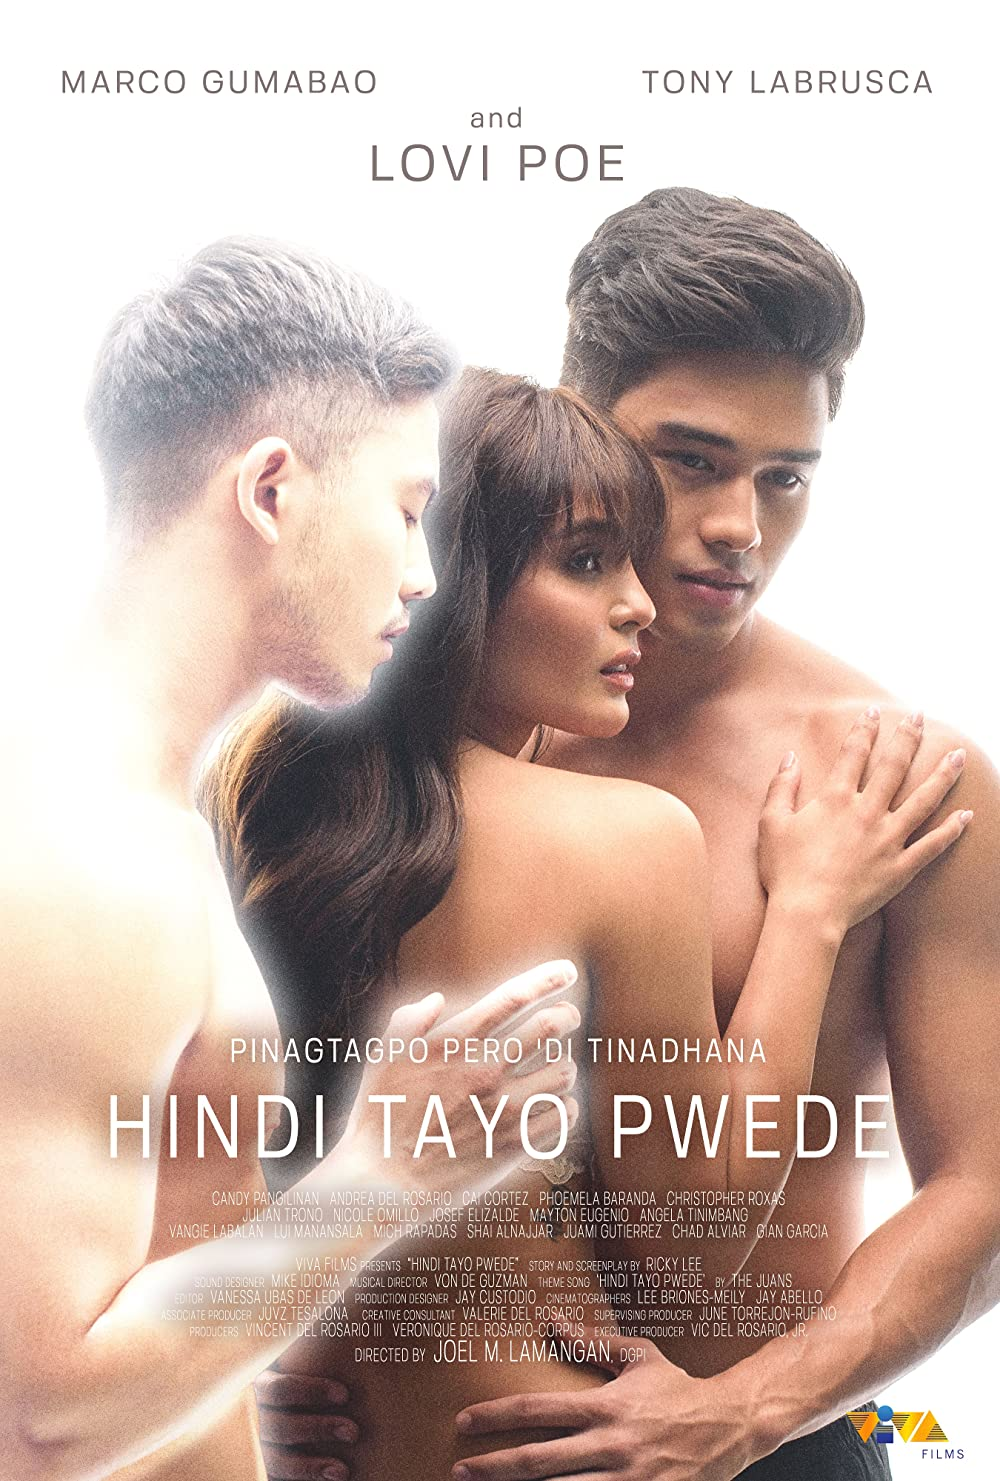 Download 18+ Hindi Tayo Pwede 2020 Tagalog 720p HDRip ESubs 700MB